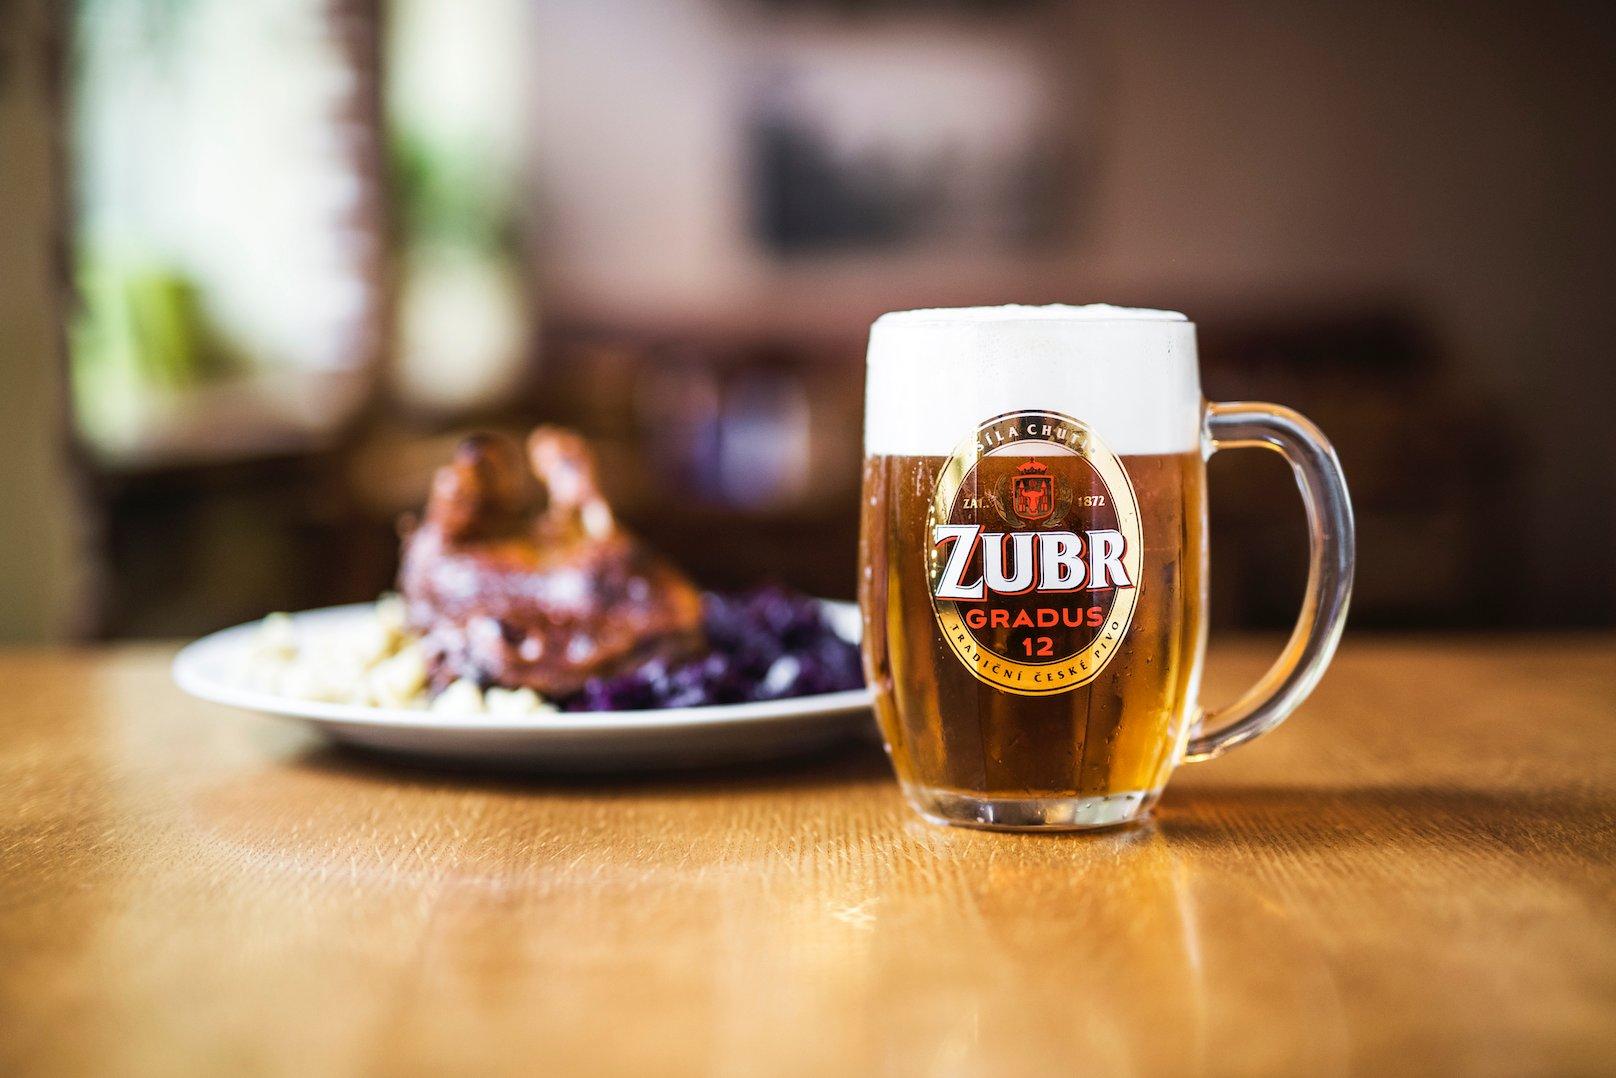 Šampionem soutěže lahvových piv je Zubr Gradus